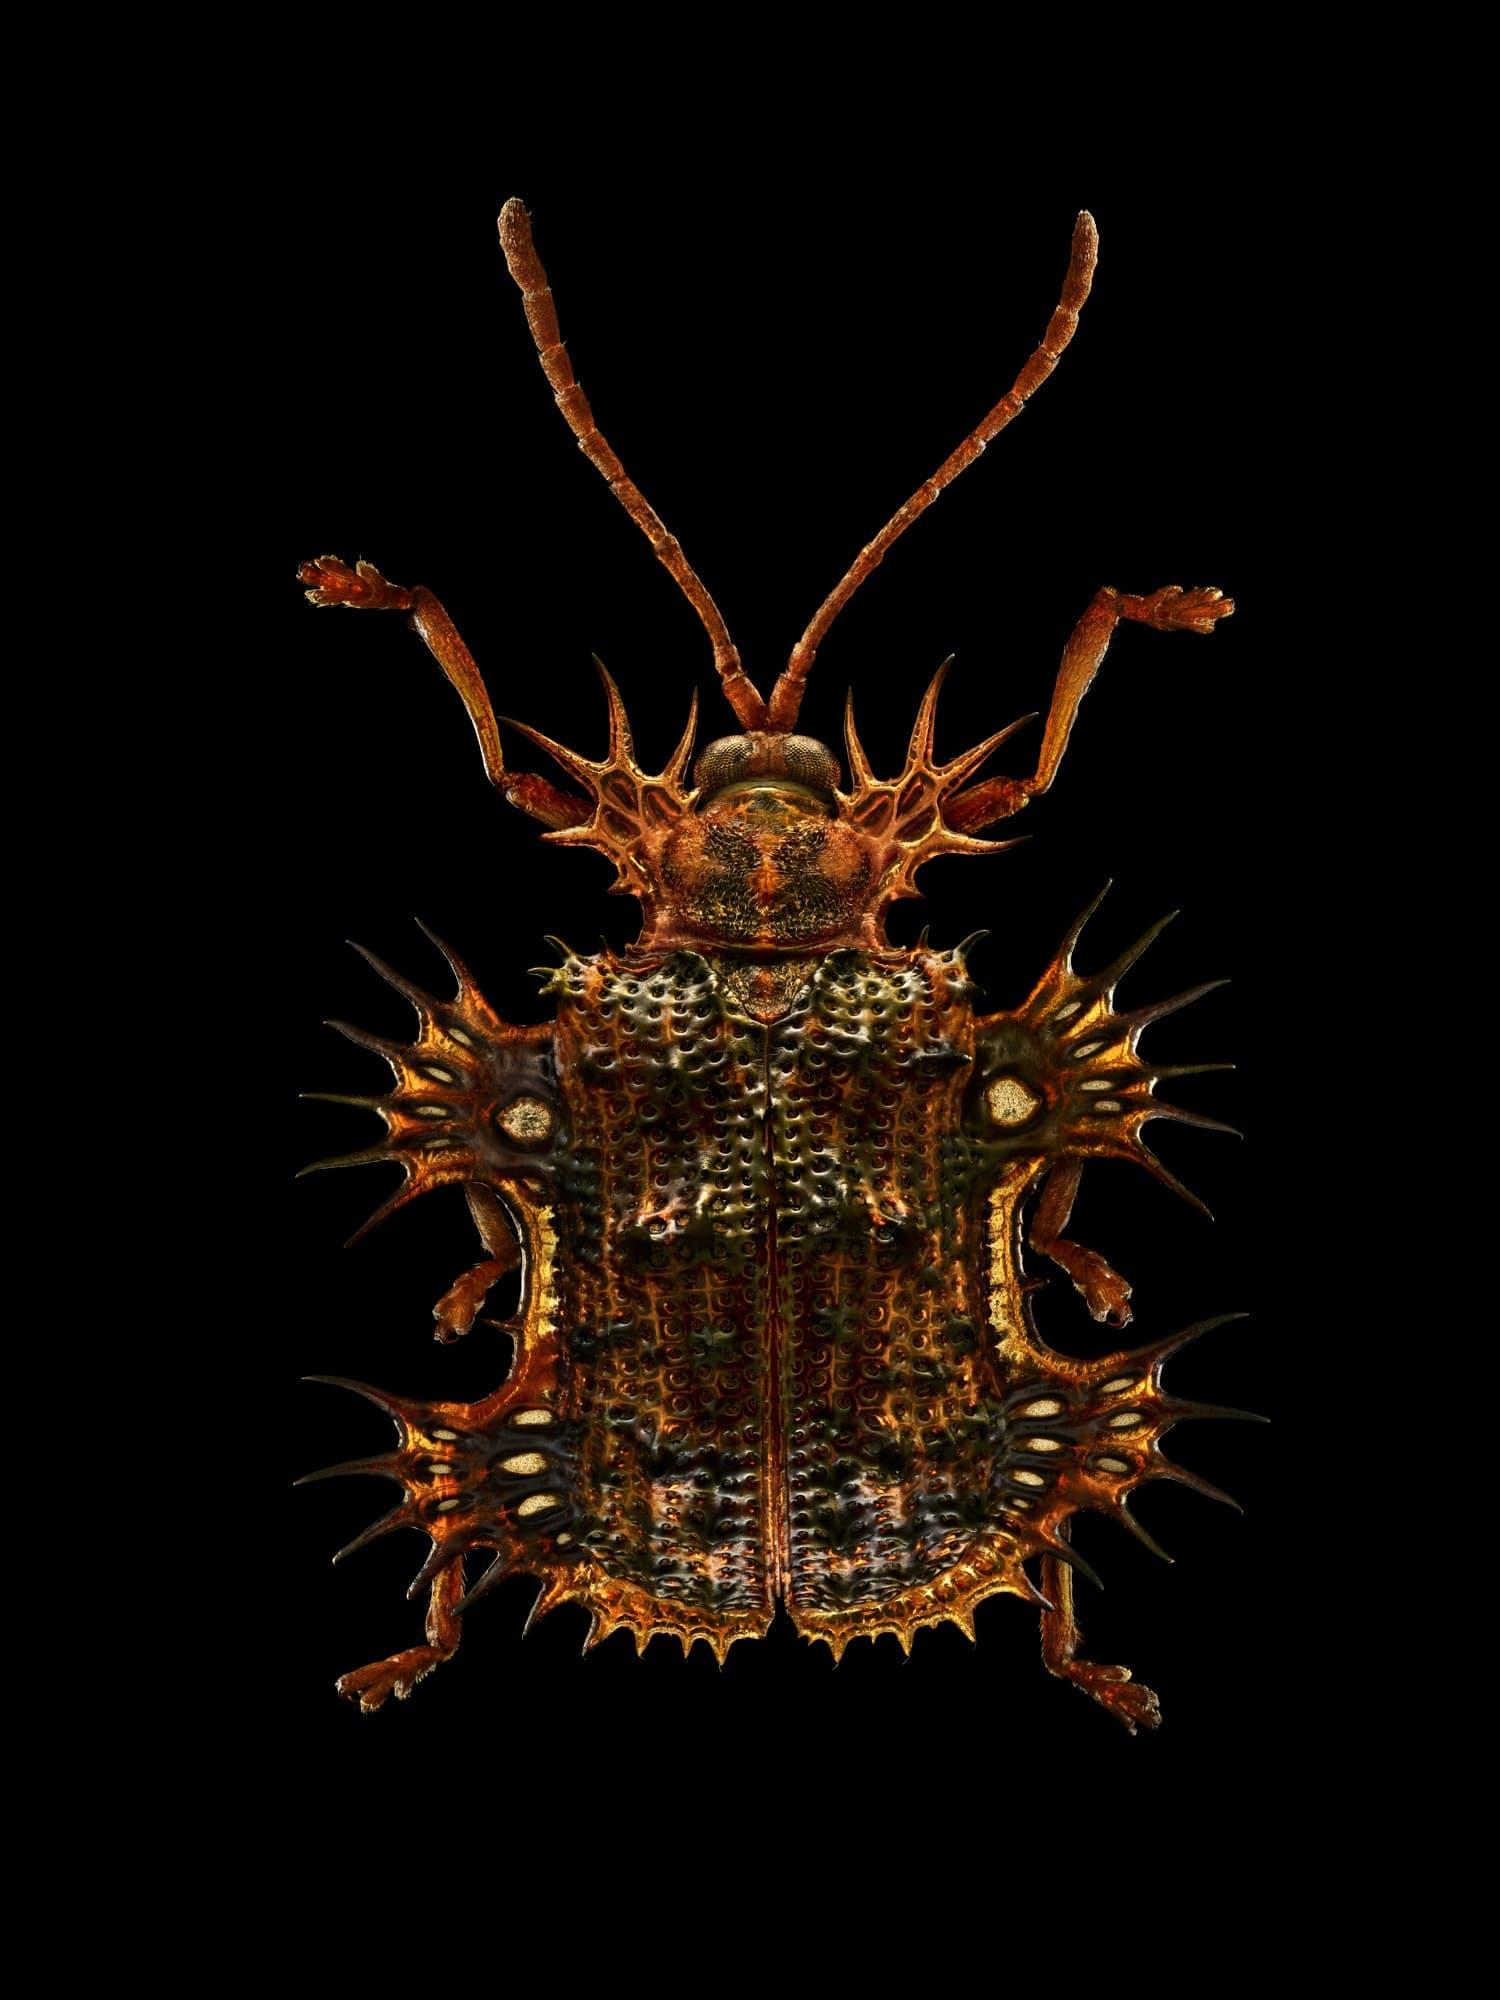 Levon Biss Microsculptures